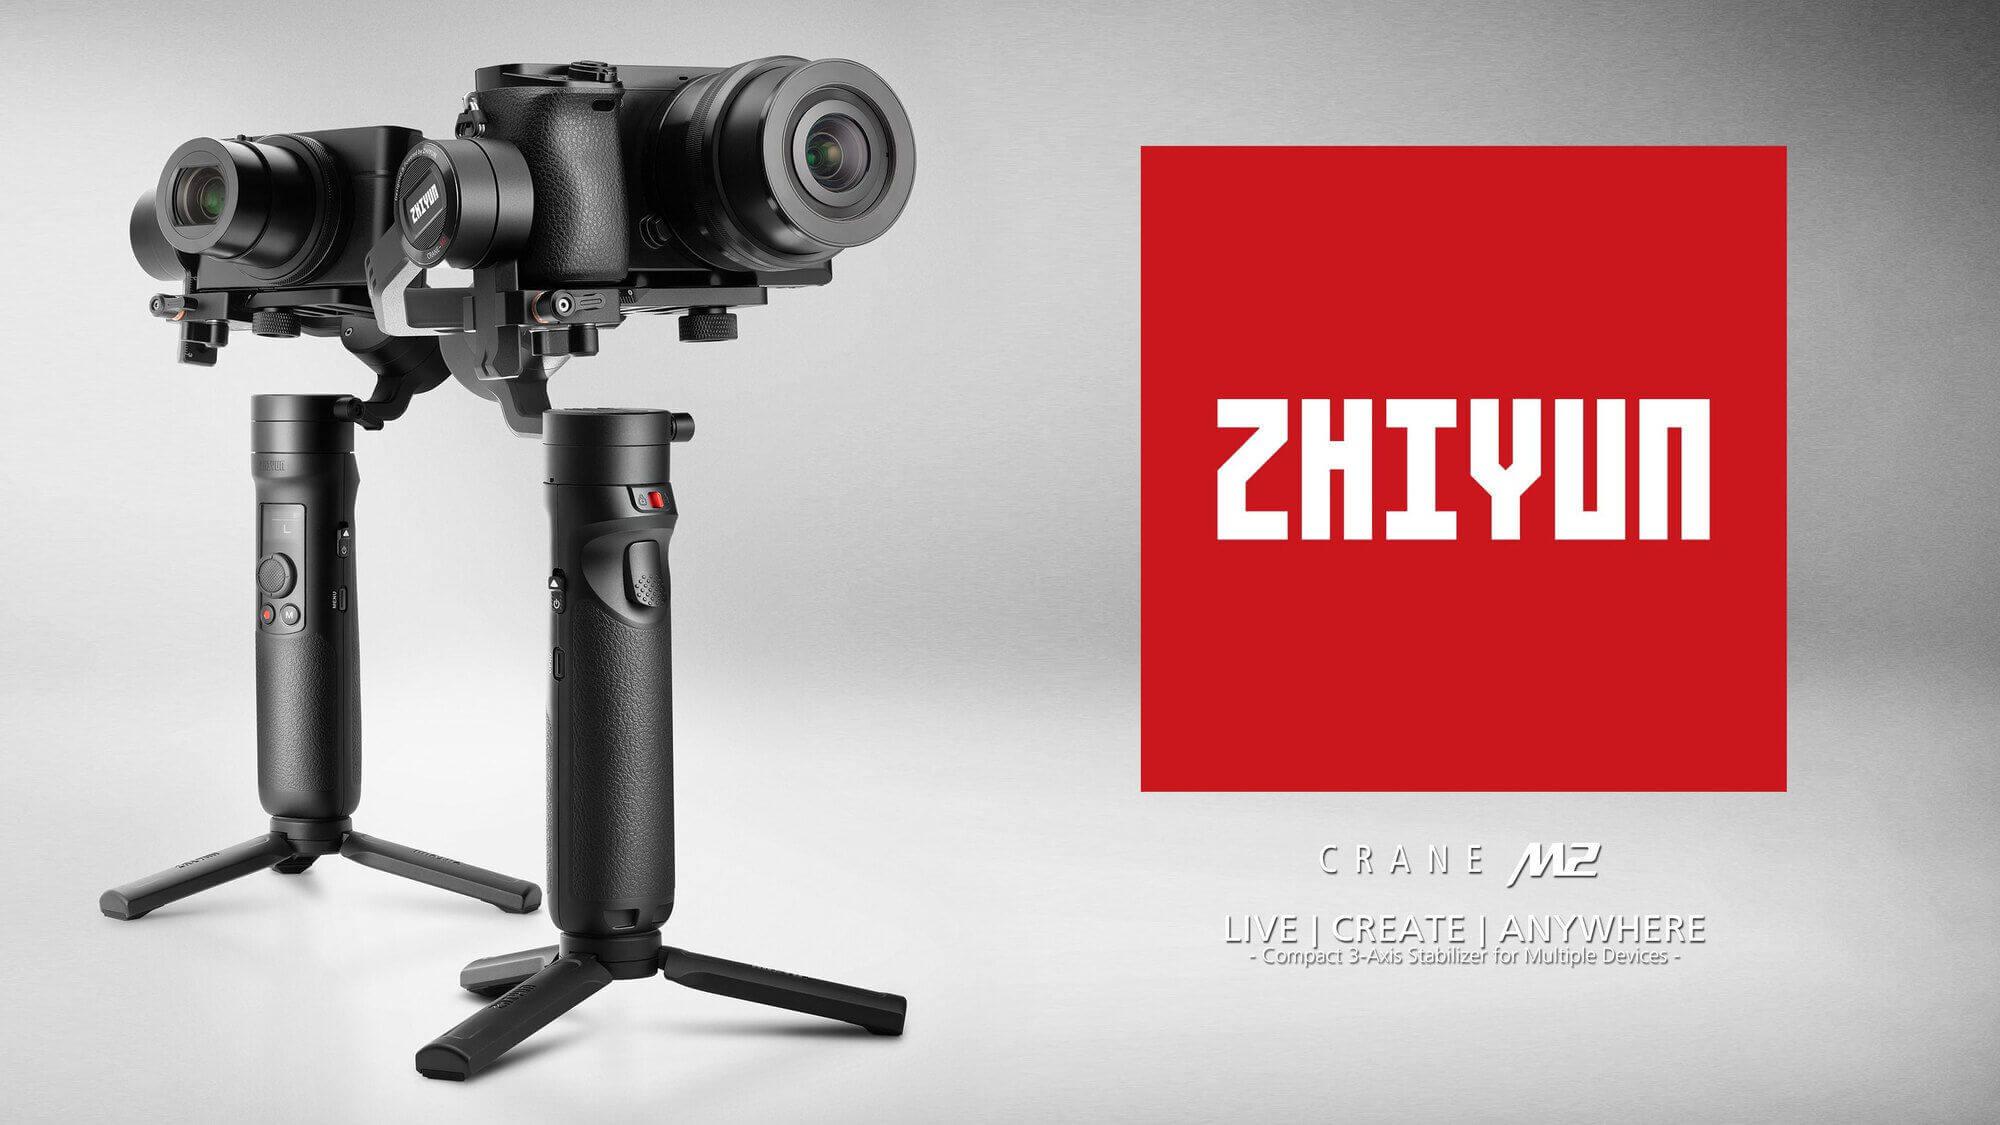 Zhiyun Anuncia o Novo Crane-M2. A Nova Definição de Gimbal Compacto